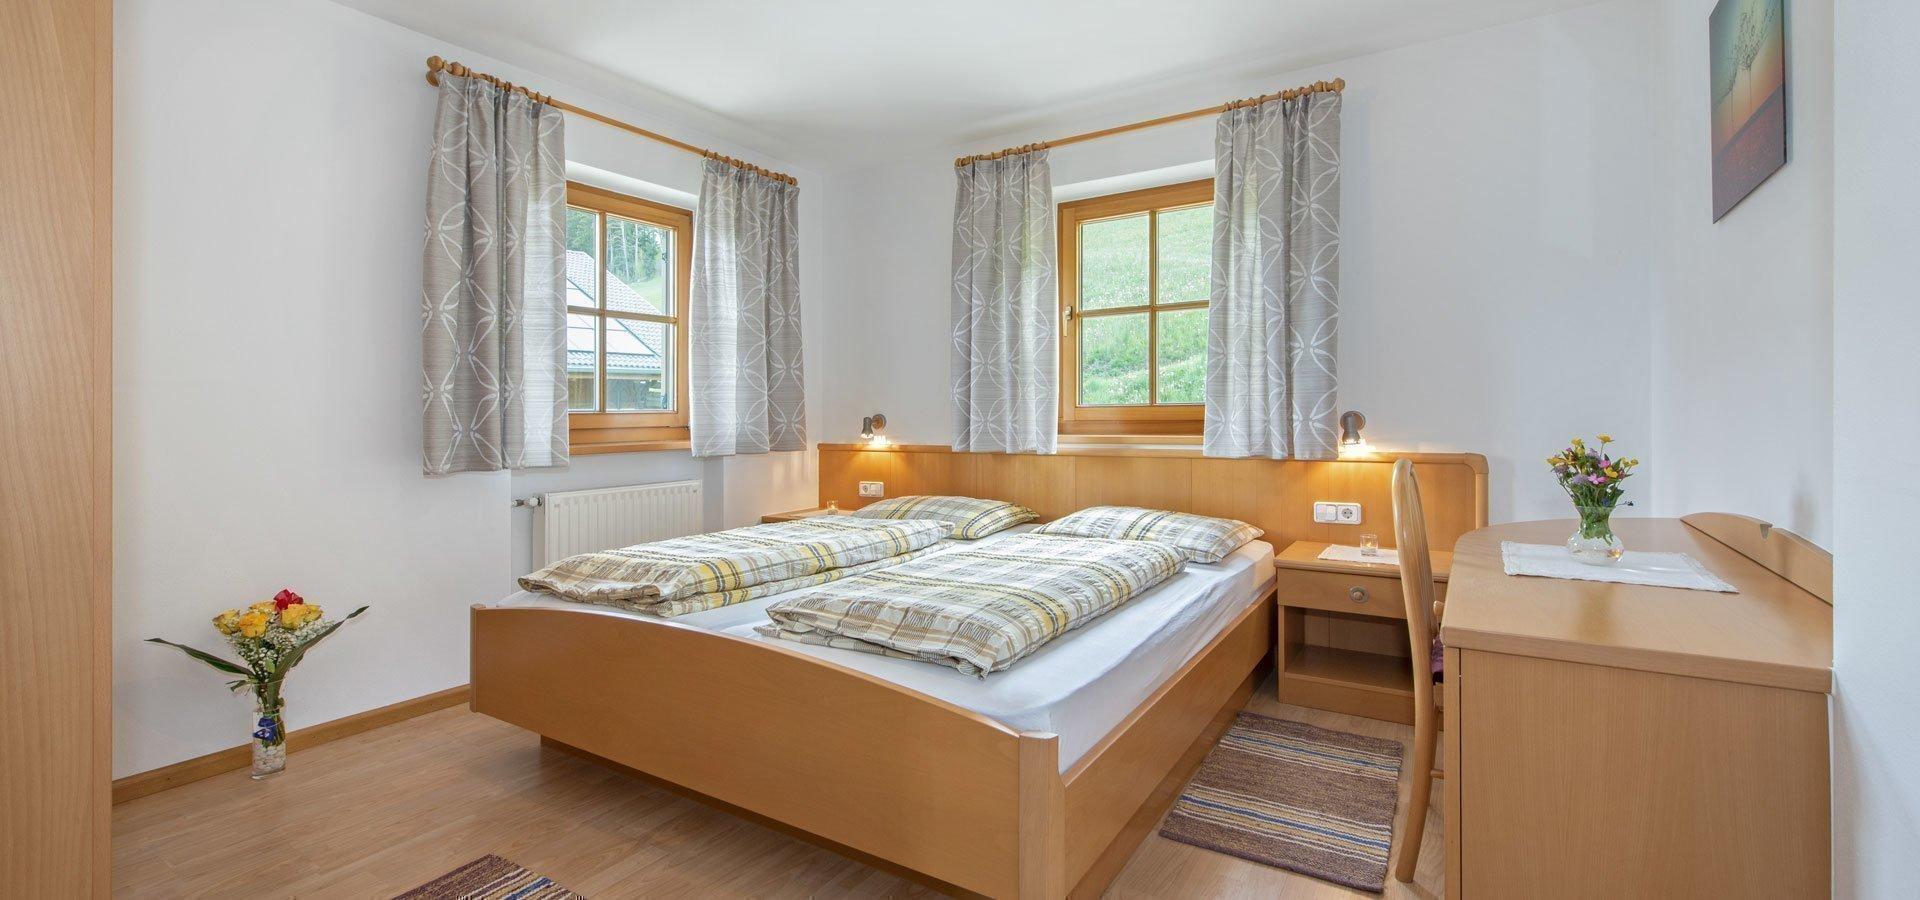 ferienwohnungen-eisacktal-brixen-suedtirol